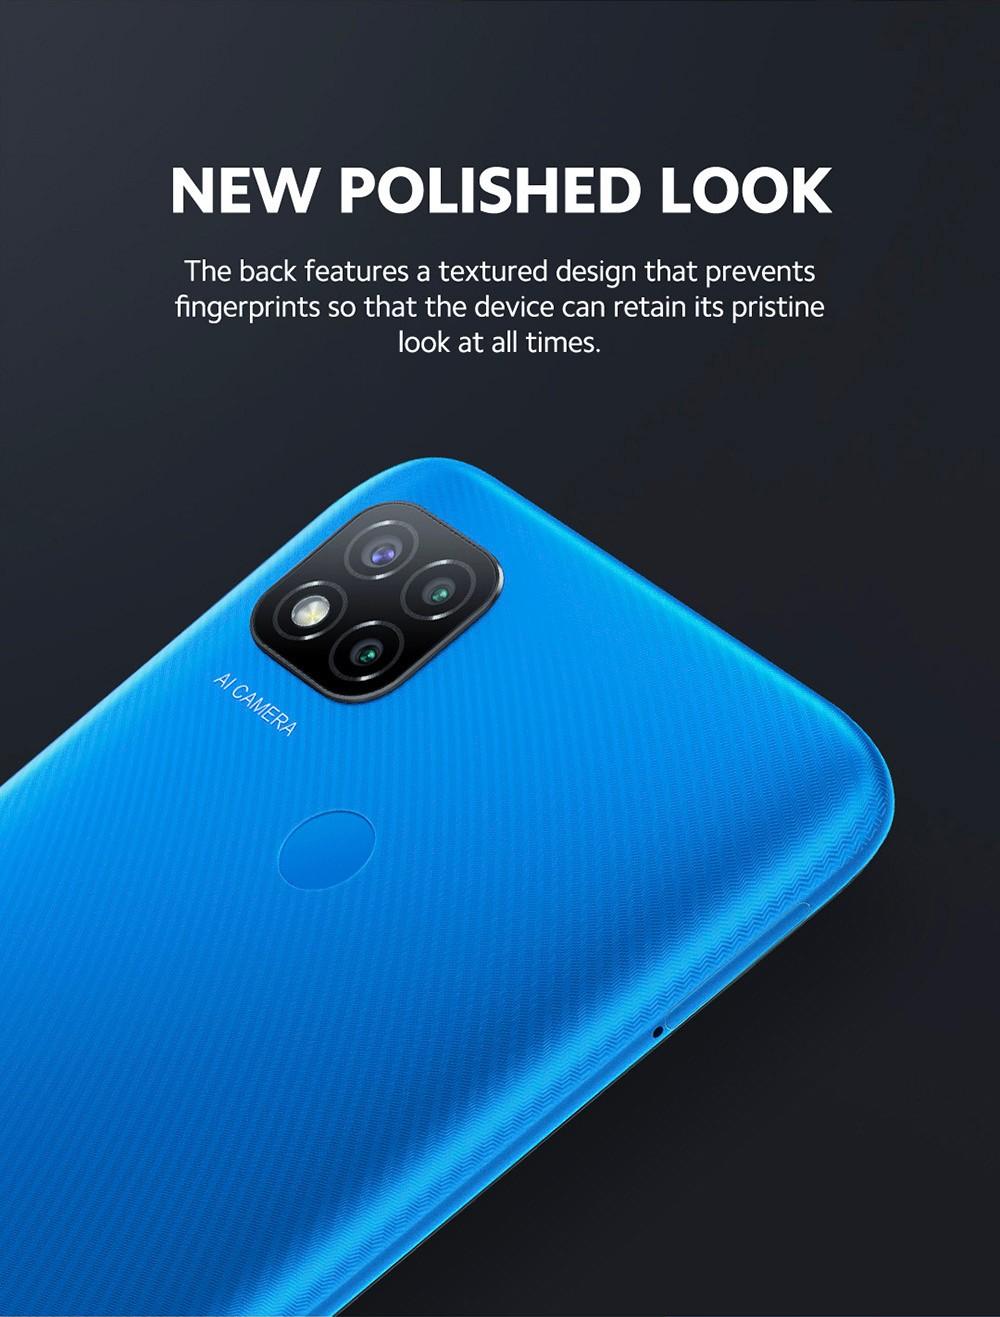 Xiaomi Redmi 9C 4G Smartphone New Look